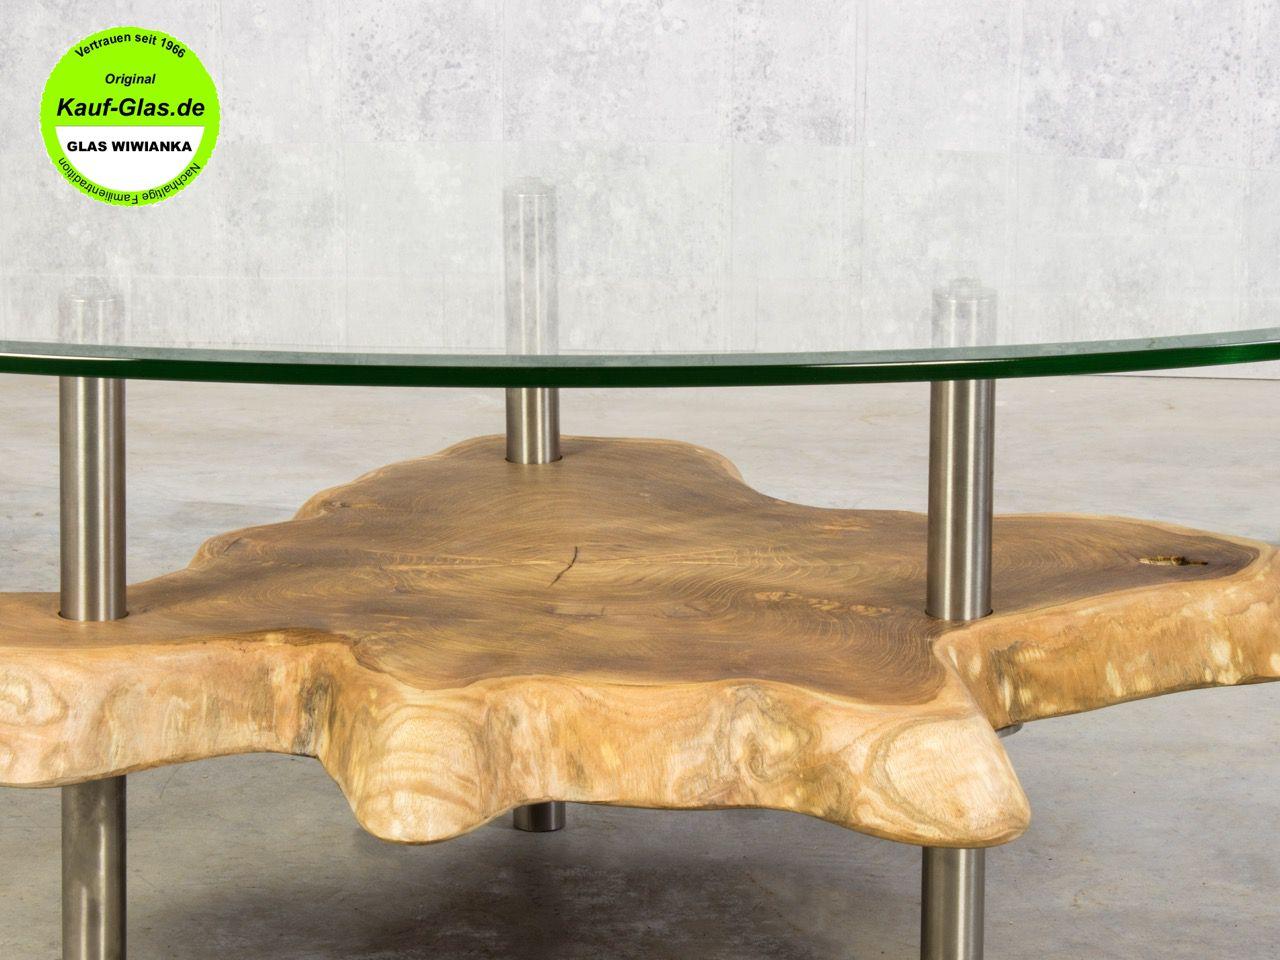 glastisch couchtisch holzglastisch glasshop glasbau wiwianka marienfeld einfach glas. Black Bedroom Furniture Sets. Home Design Ideas